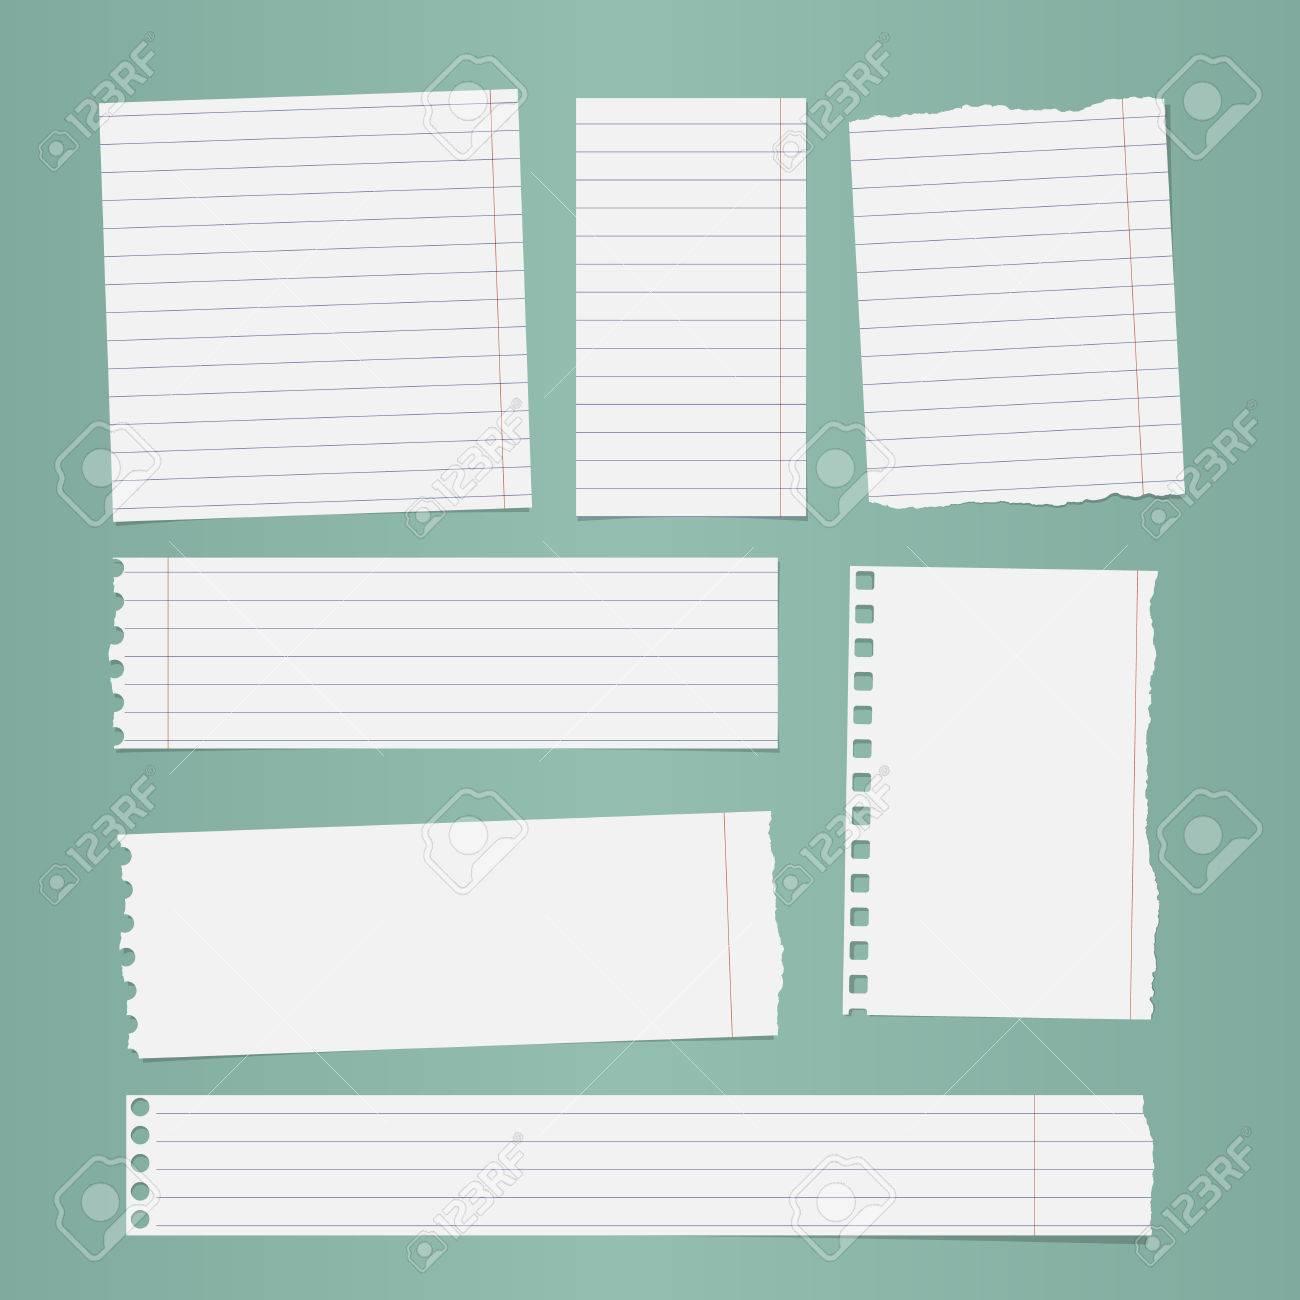 banque d images des morceaux de papier de cahier bordee blanc dechire collees sur fond turquoise